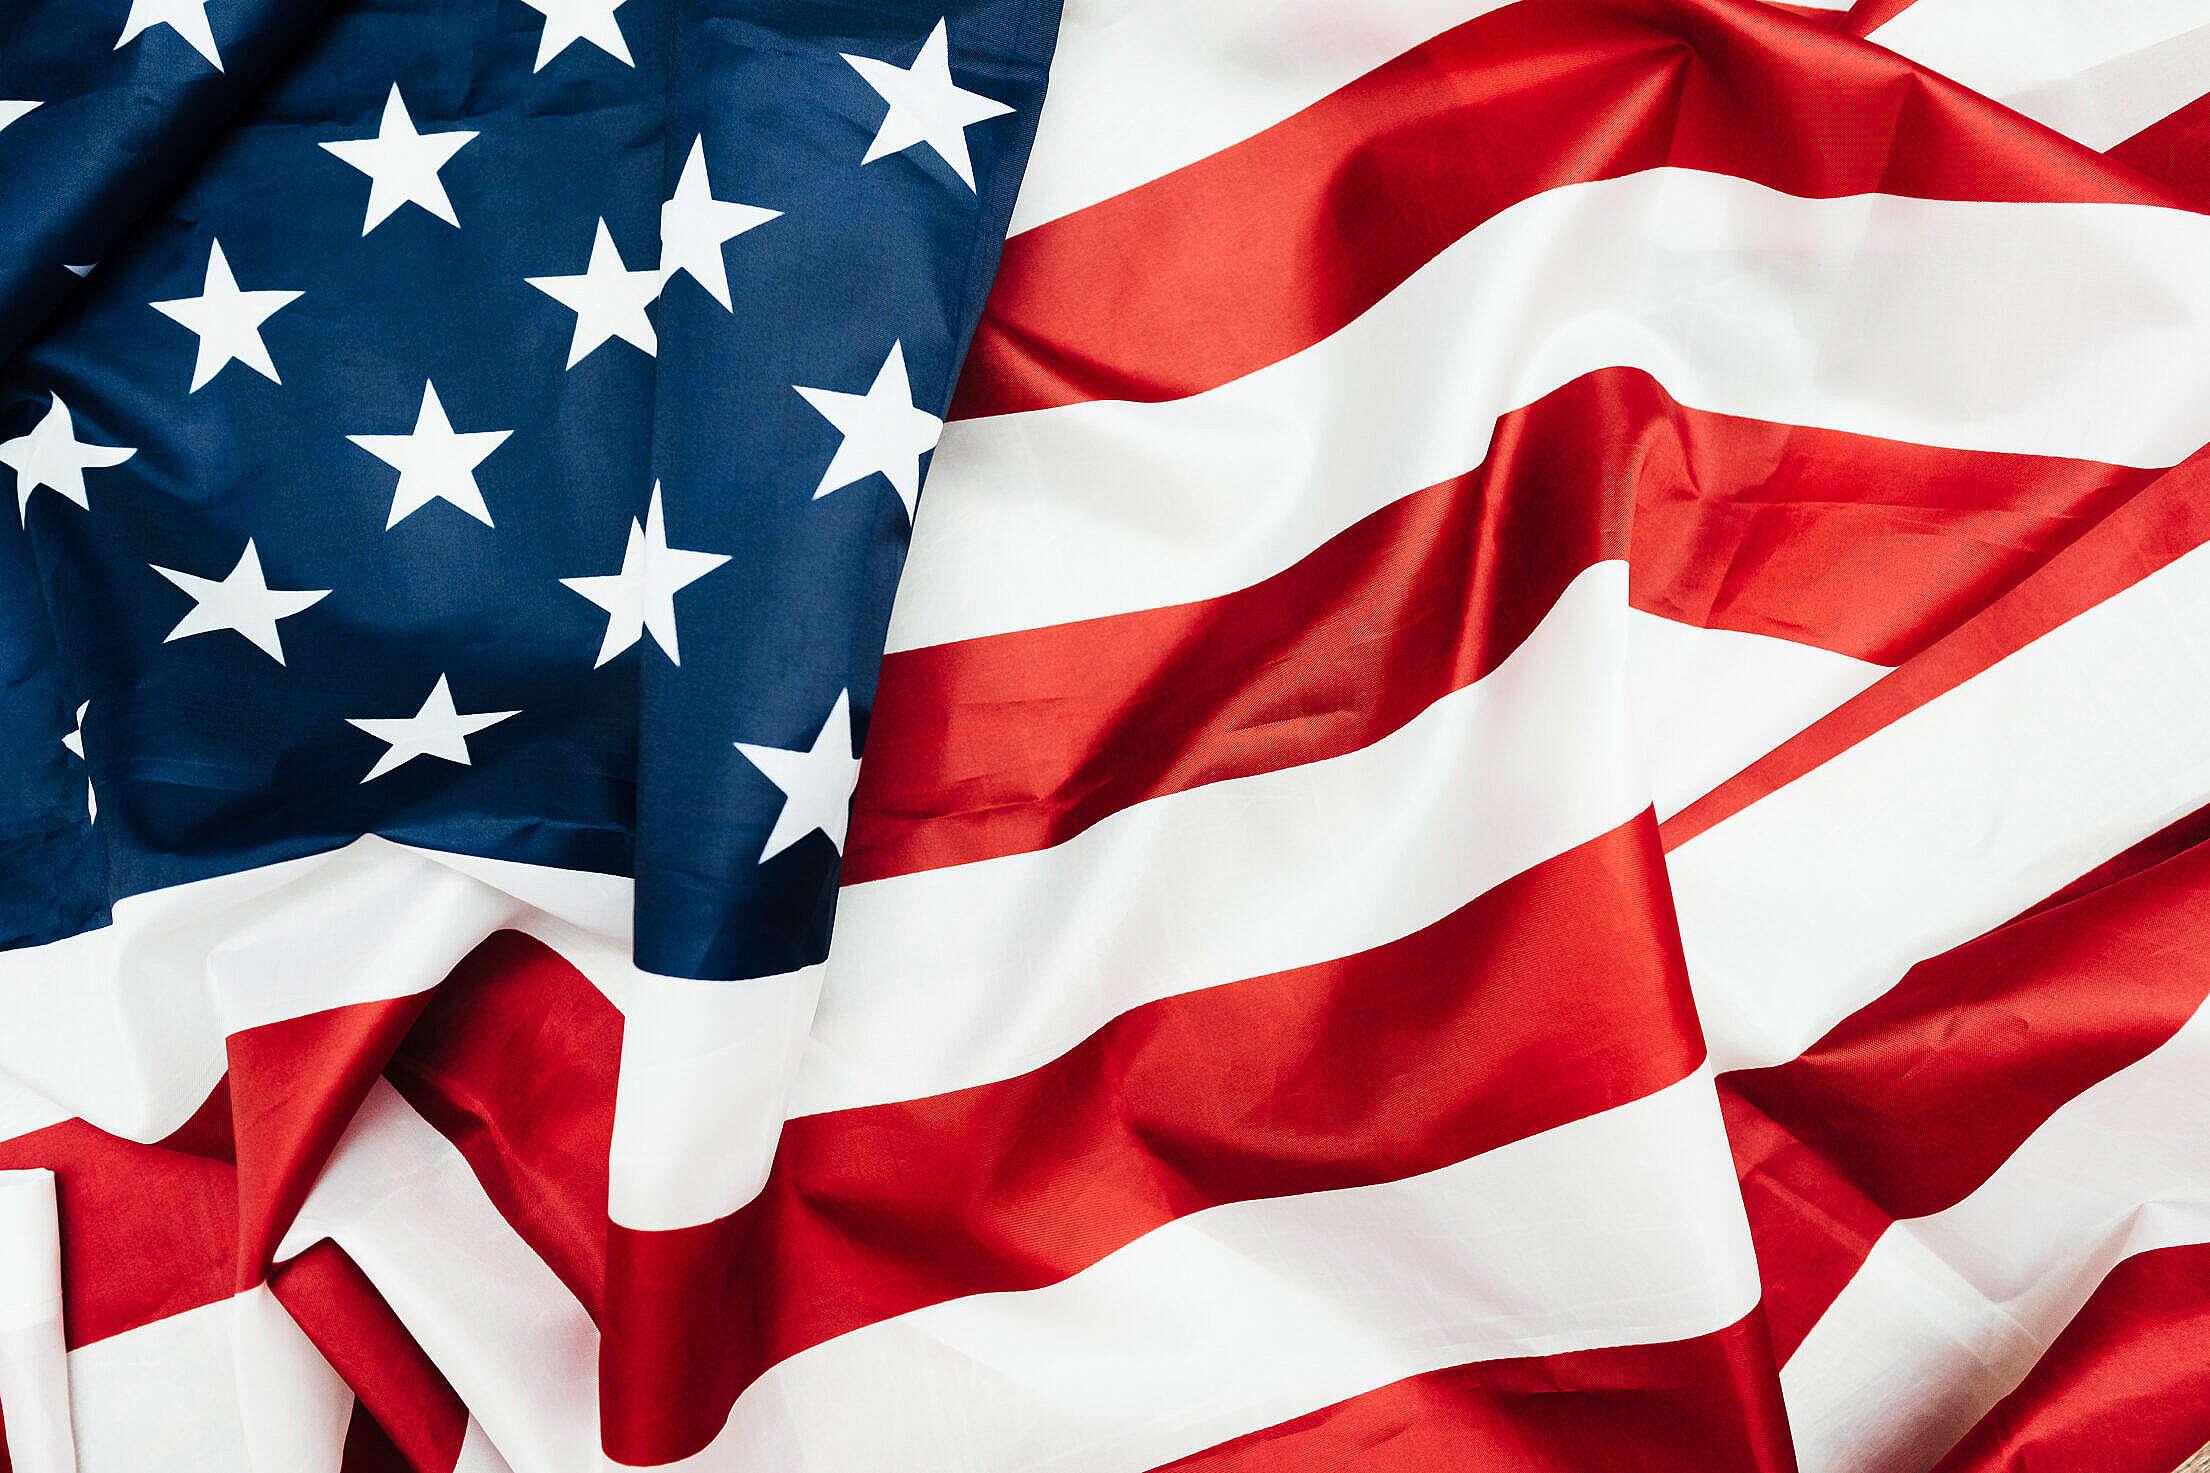 USA Flag Free Stock Photo